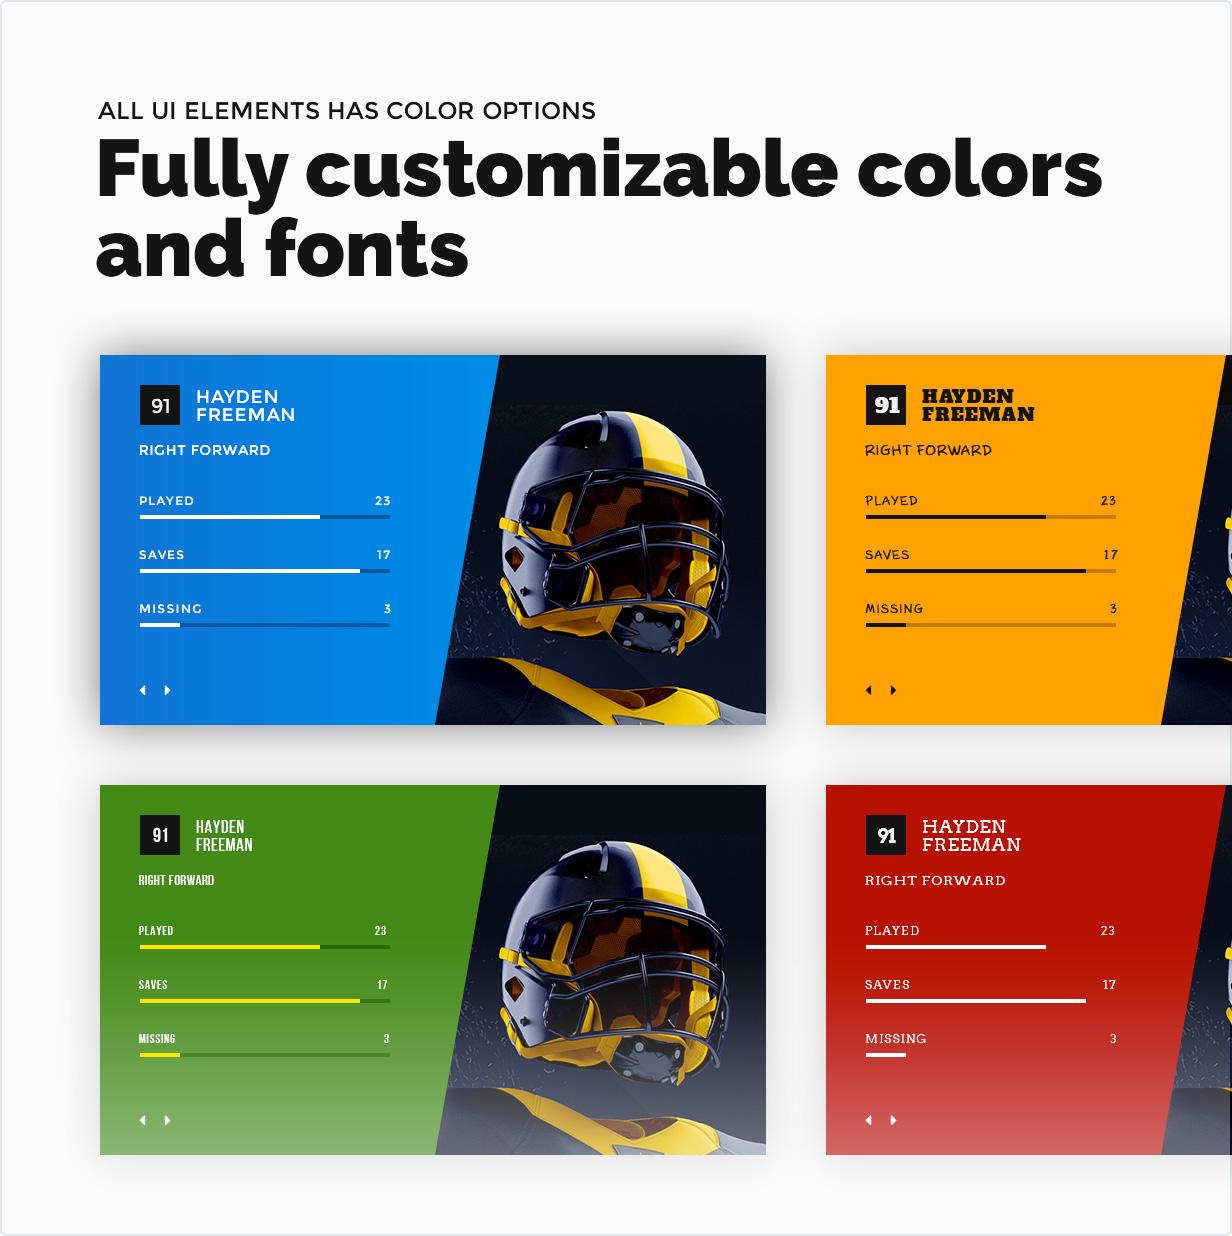 Völlig kundengerechte Farben und Schriftarten